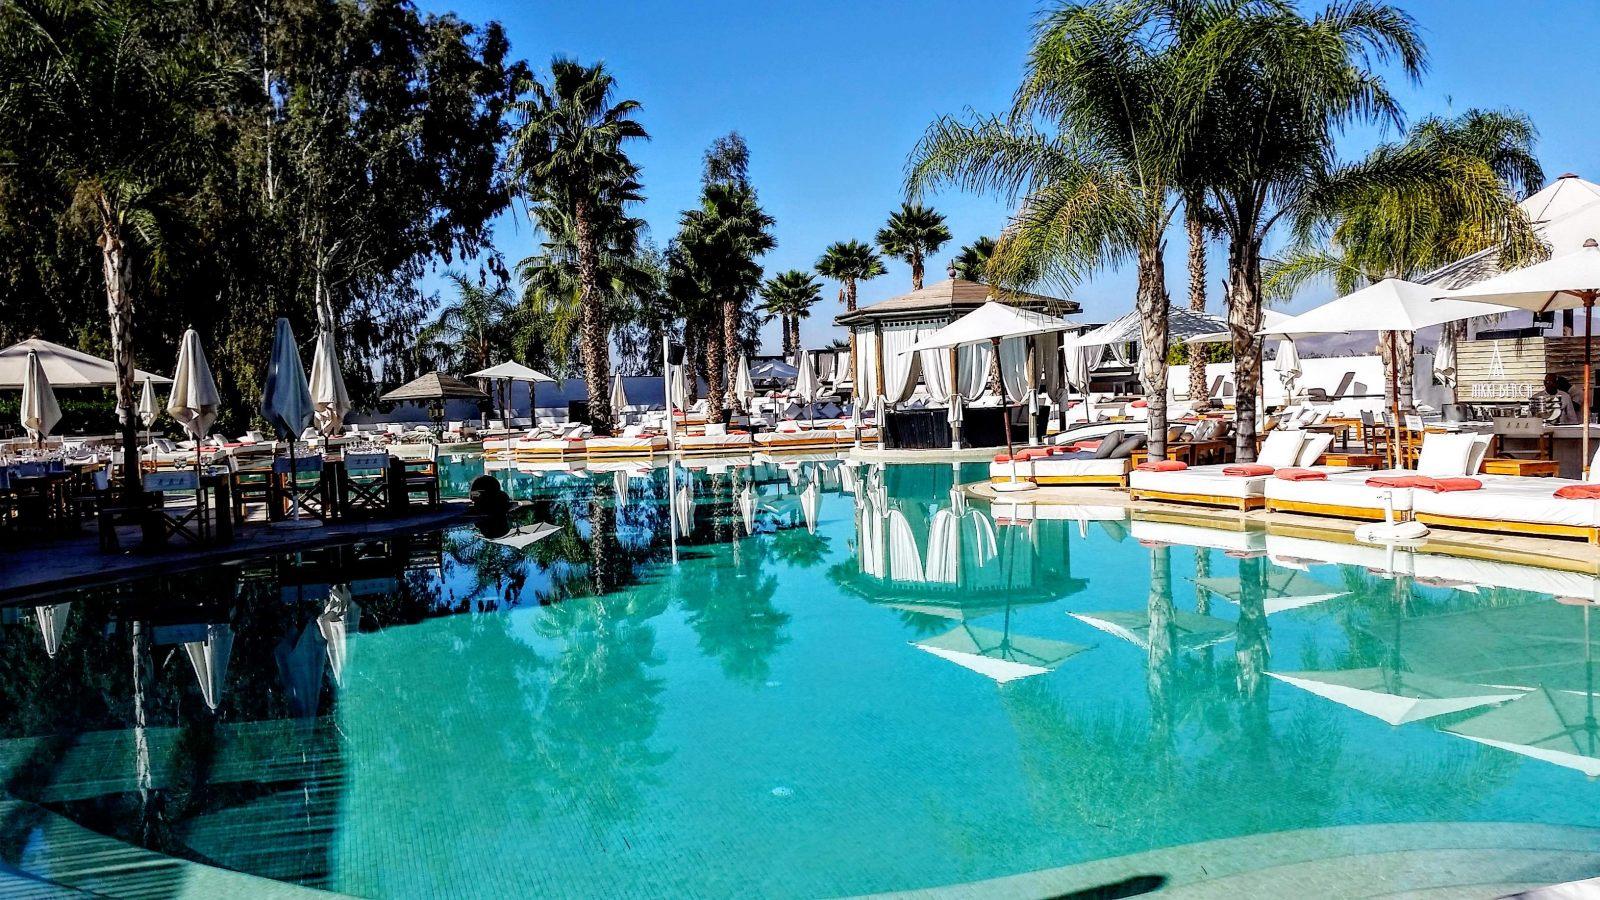 Hibiscus & Nomada : Marrakech - Nikki Beach